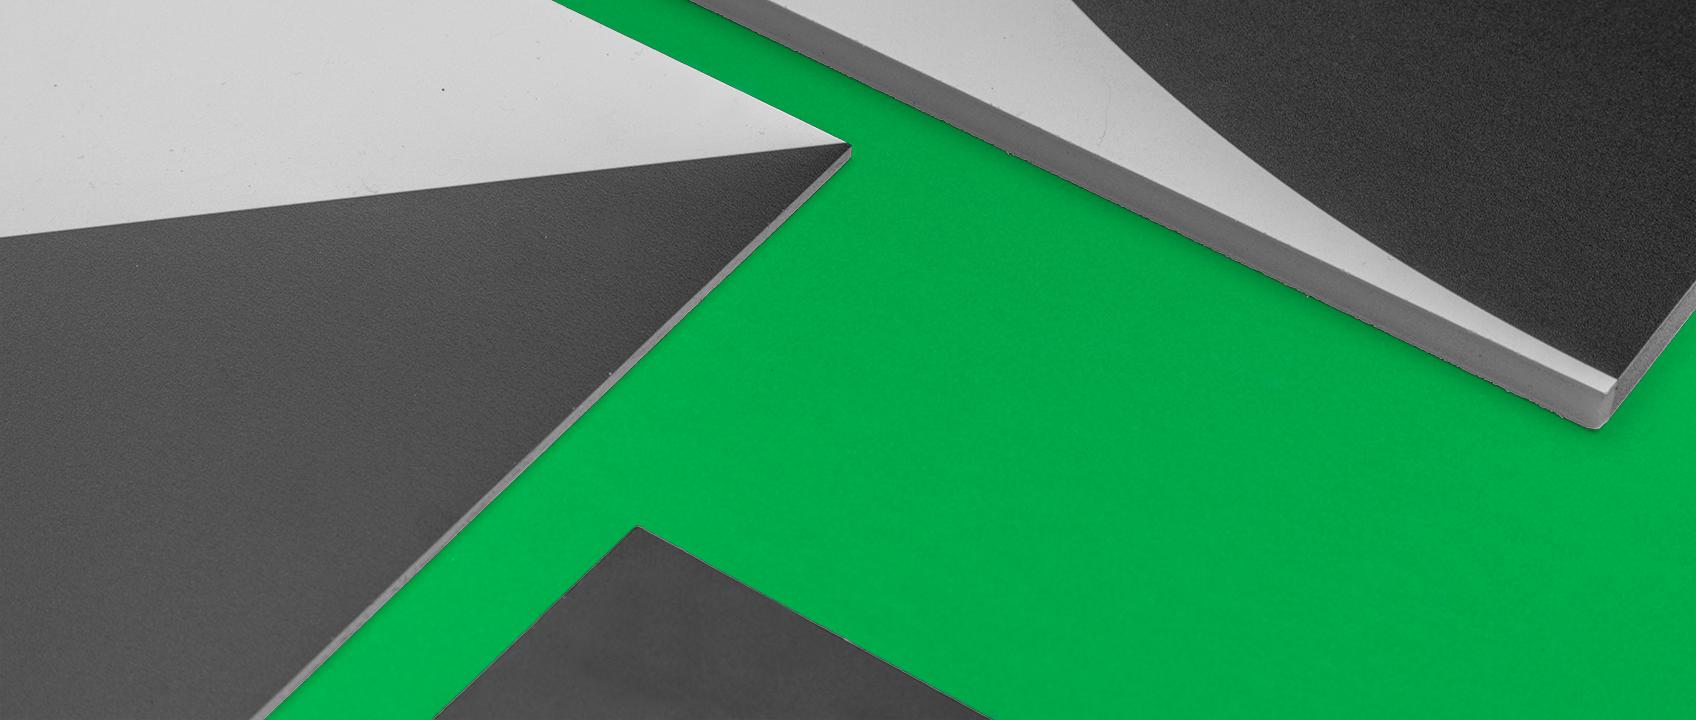 Stampa Fotoquadro in PVC tipo forex